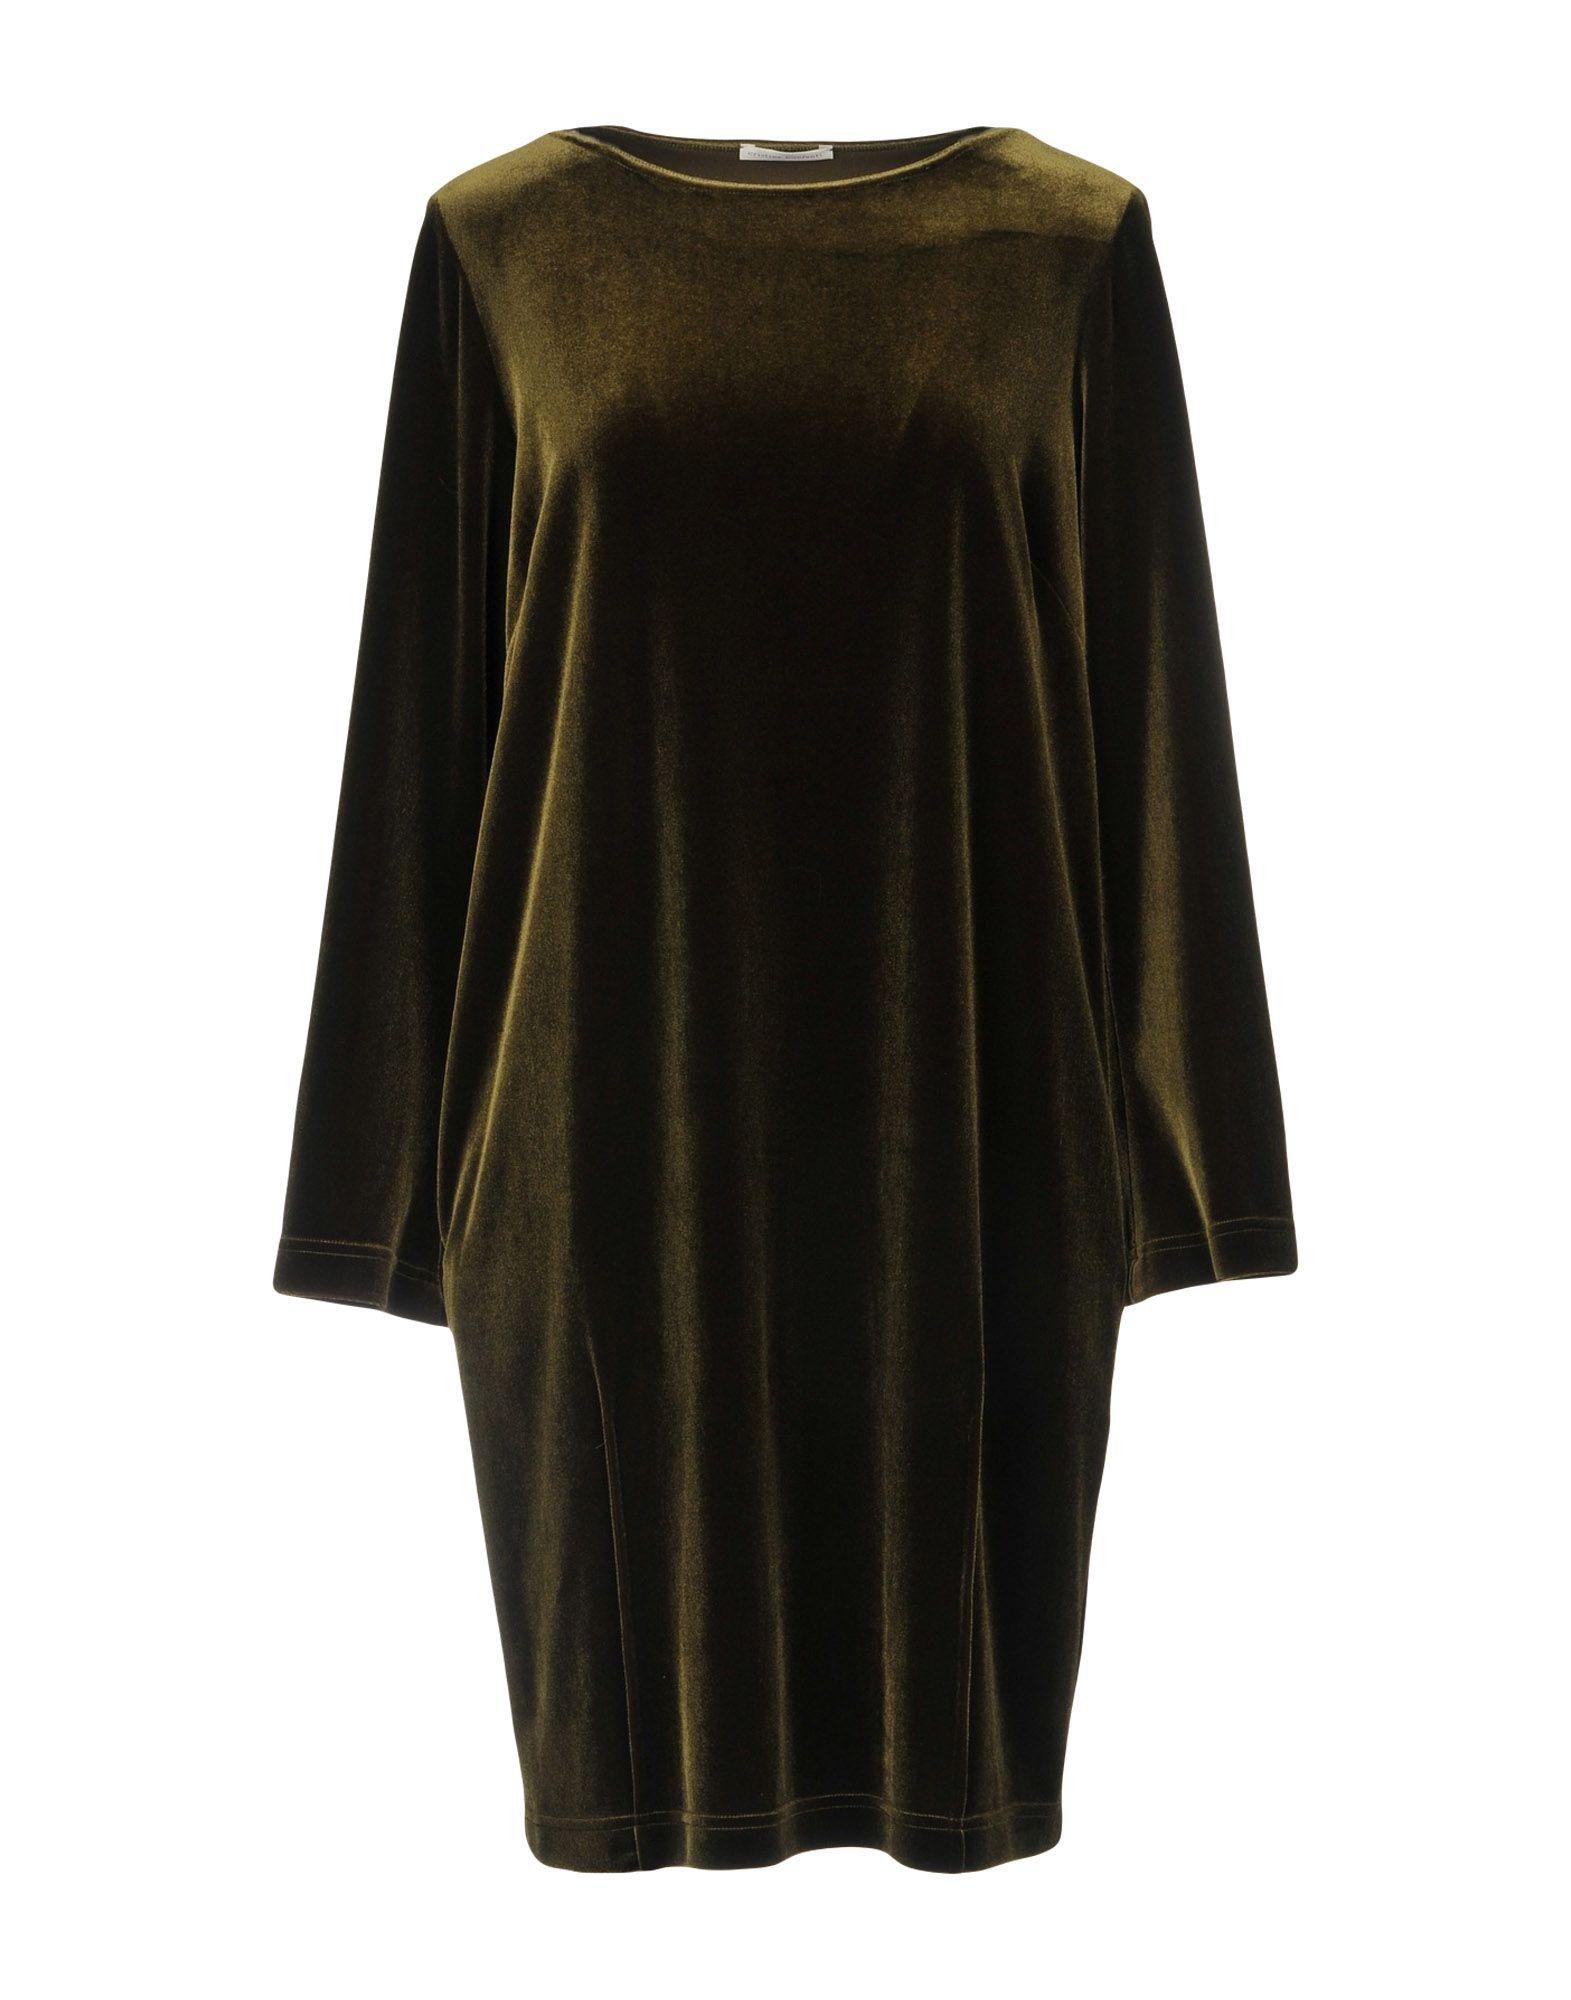 CRISTINA BONFANTI Короткое платье крепления для профилей маячков 6 мм и 10 мм универсальные 100 шт